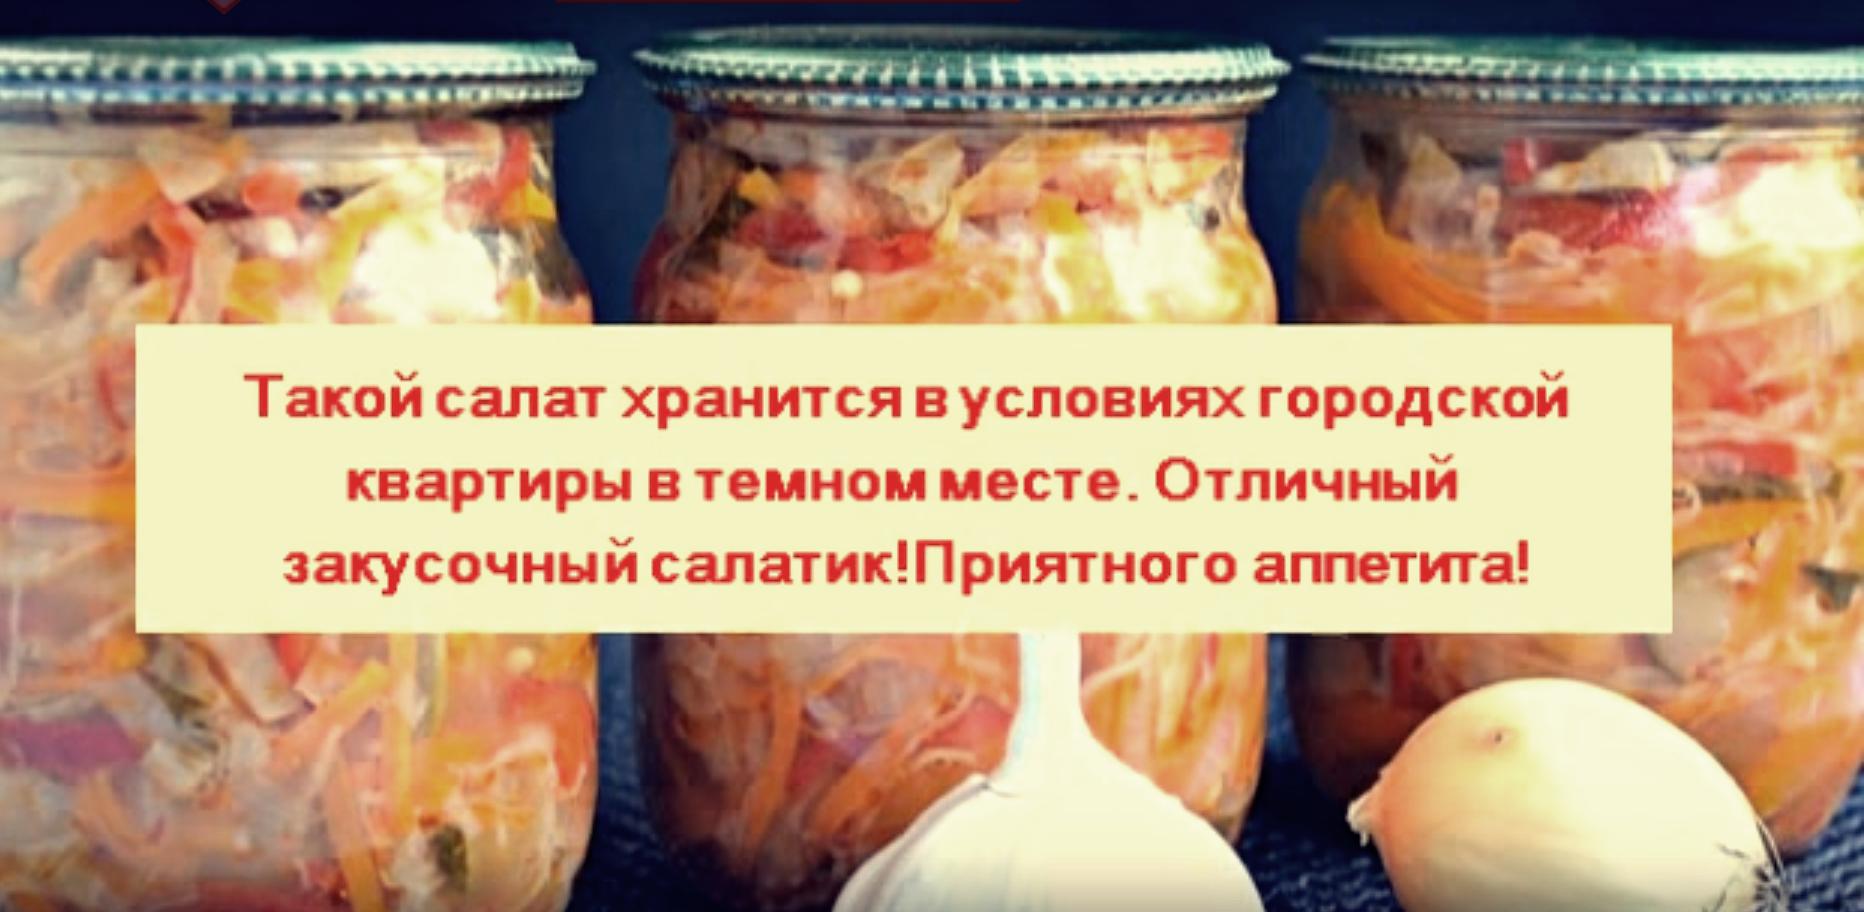 Салат на зиму из помидор и капусты